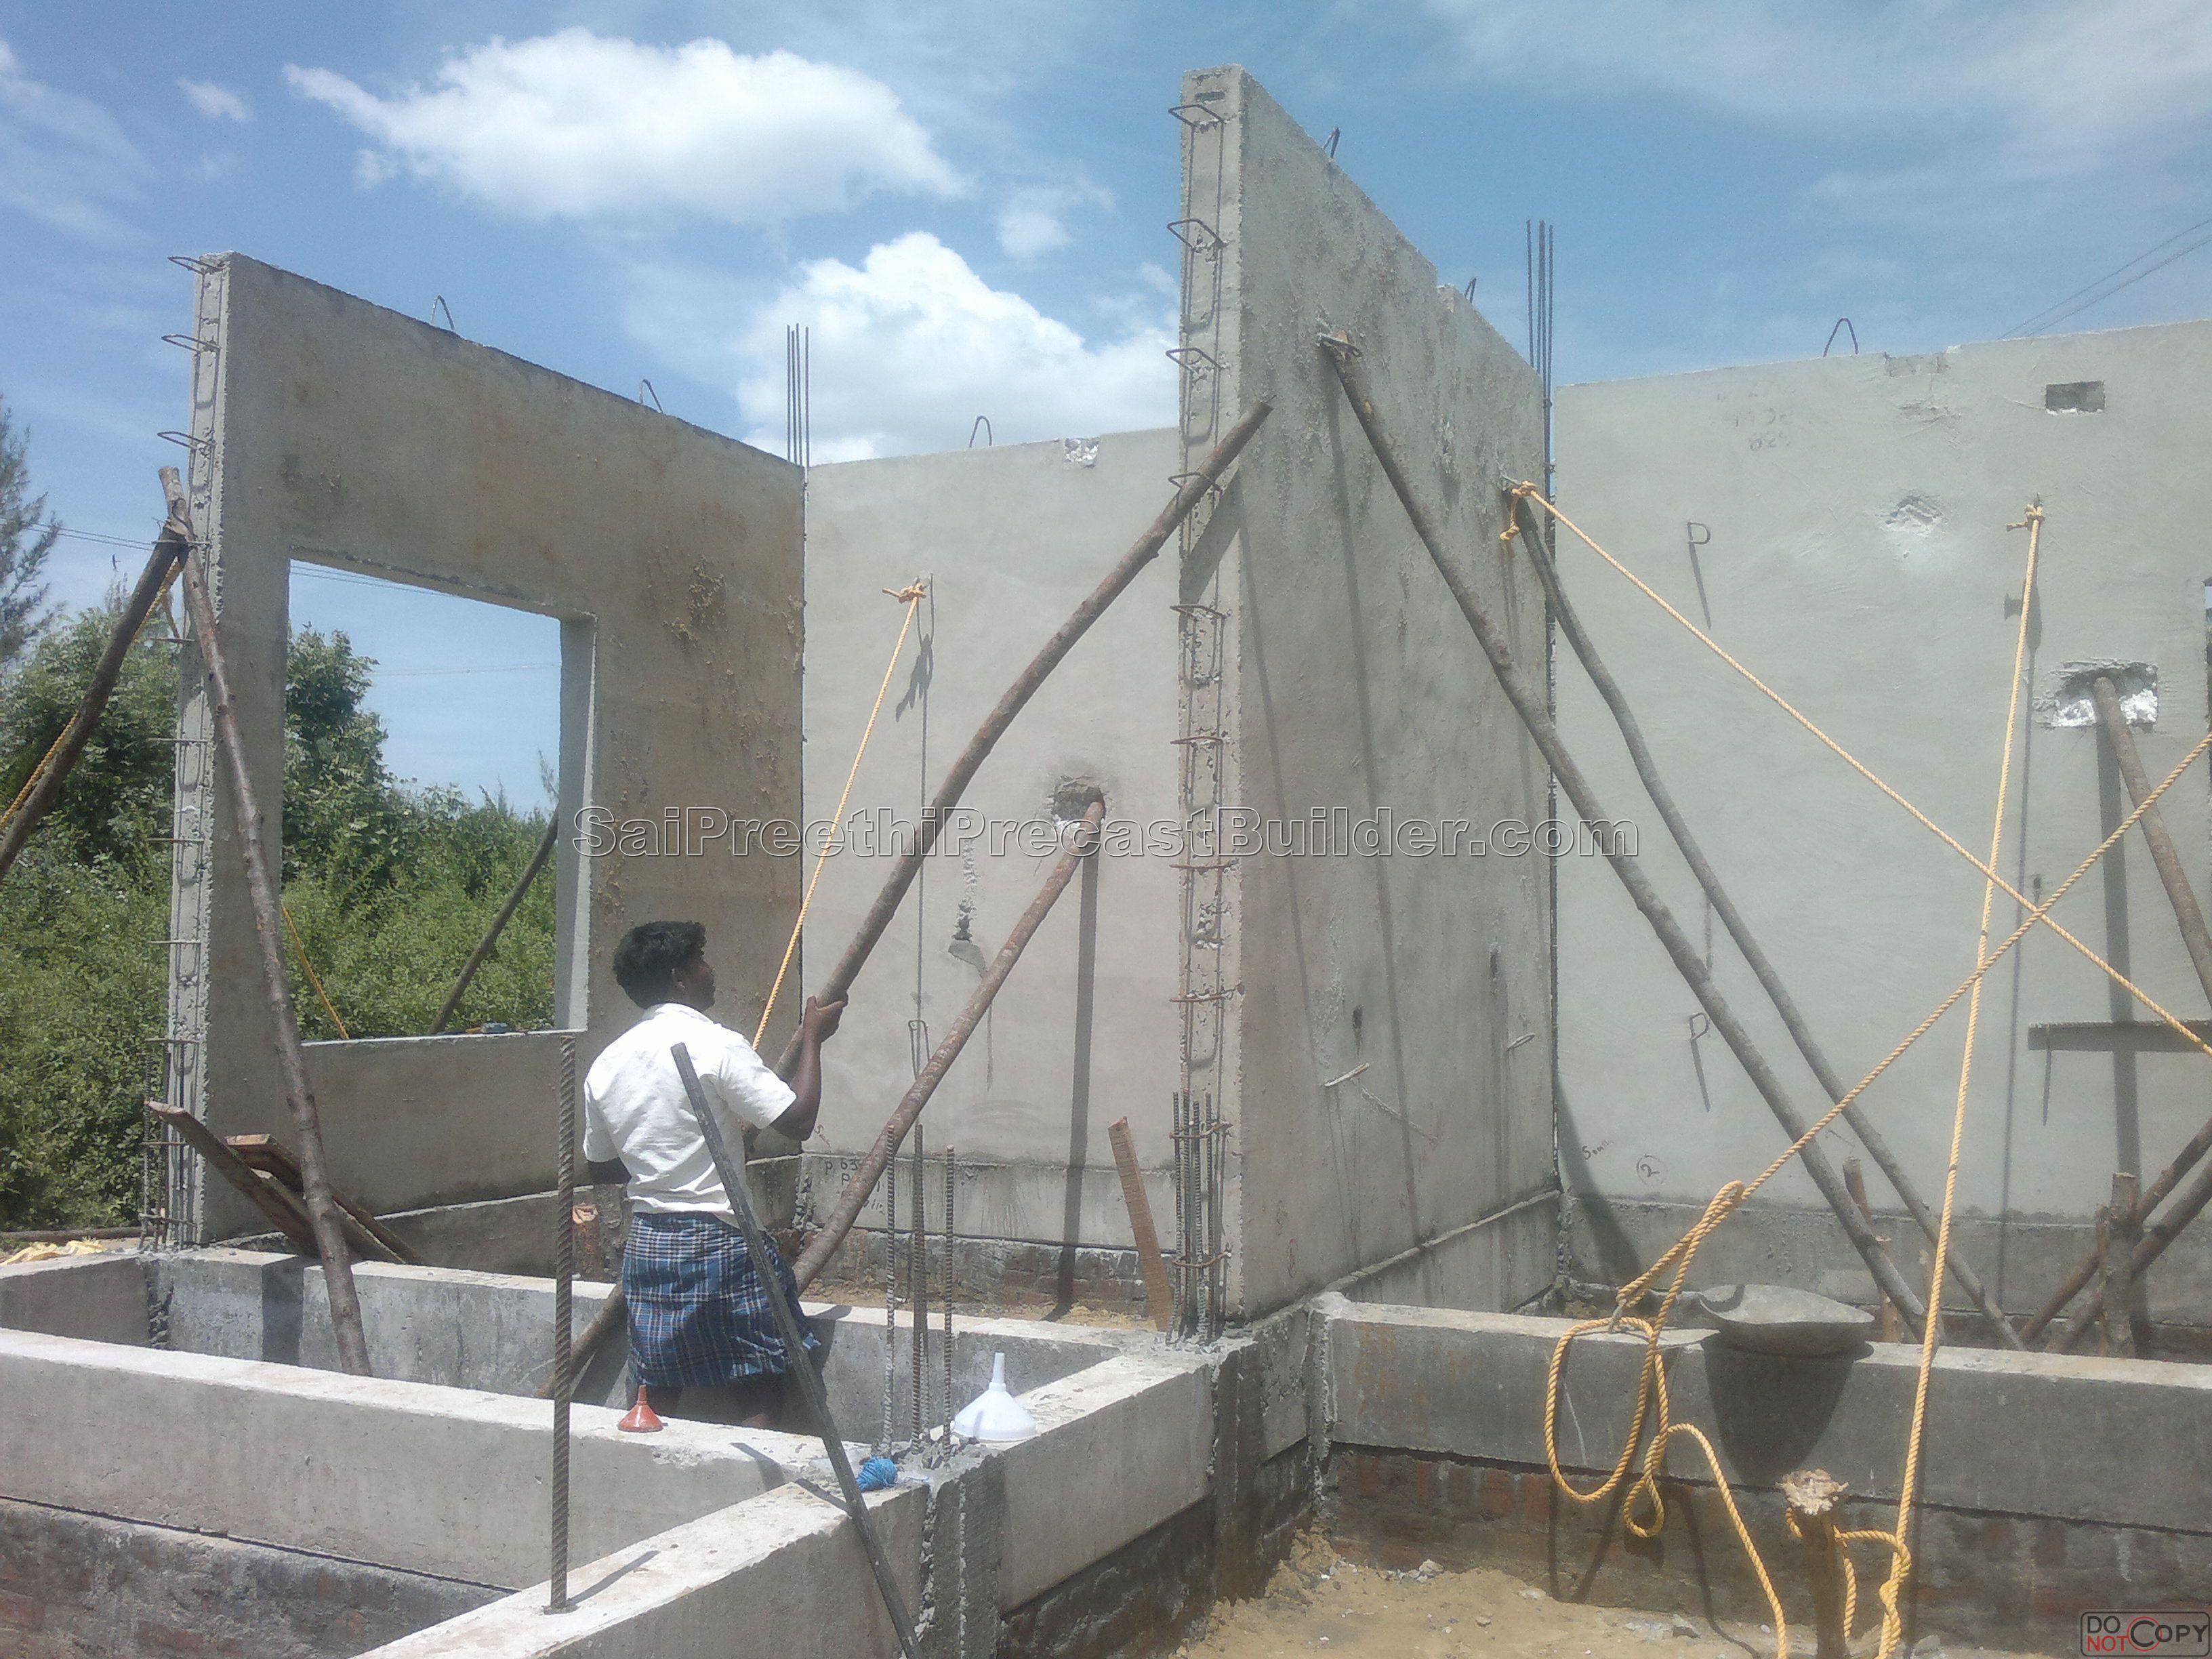 Precast indviual housing 7 sai preethi precast builder for Precast concrete home